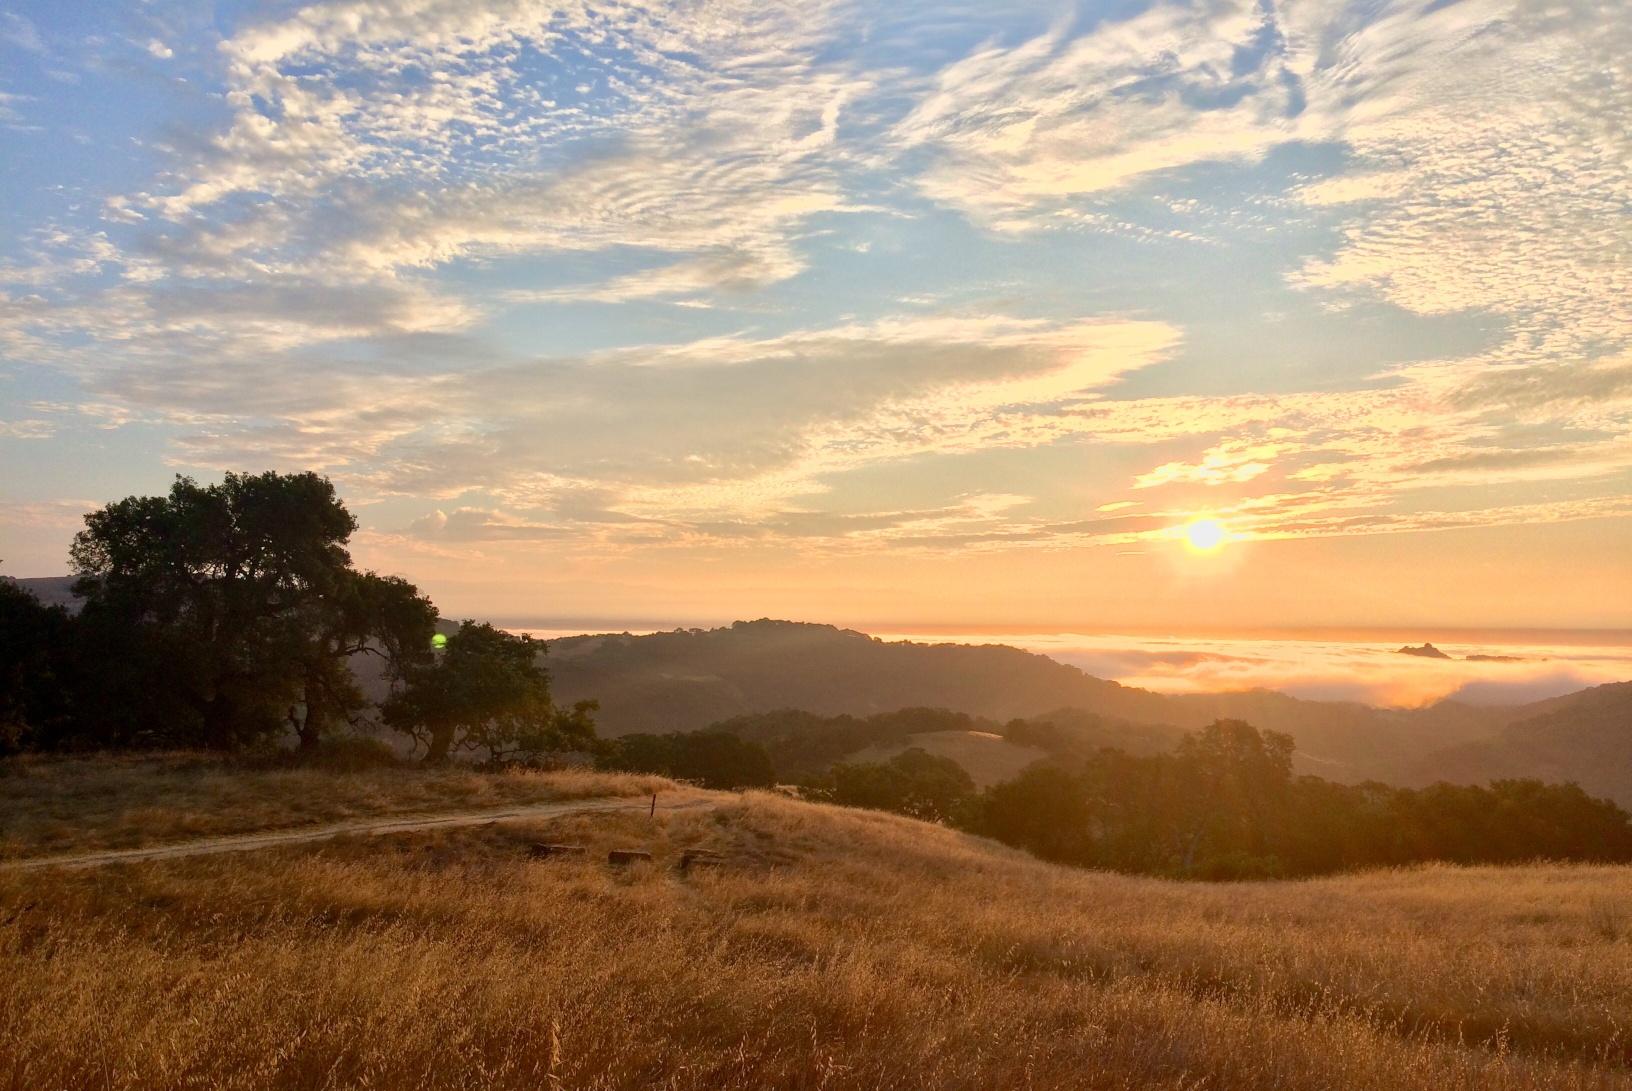 RCAN  - Sunrise - D. Mauk -Jul-29-2018